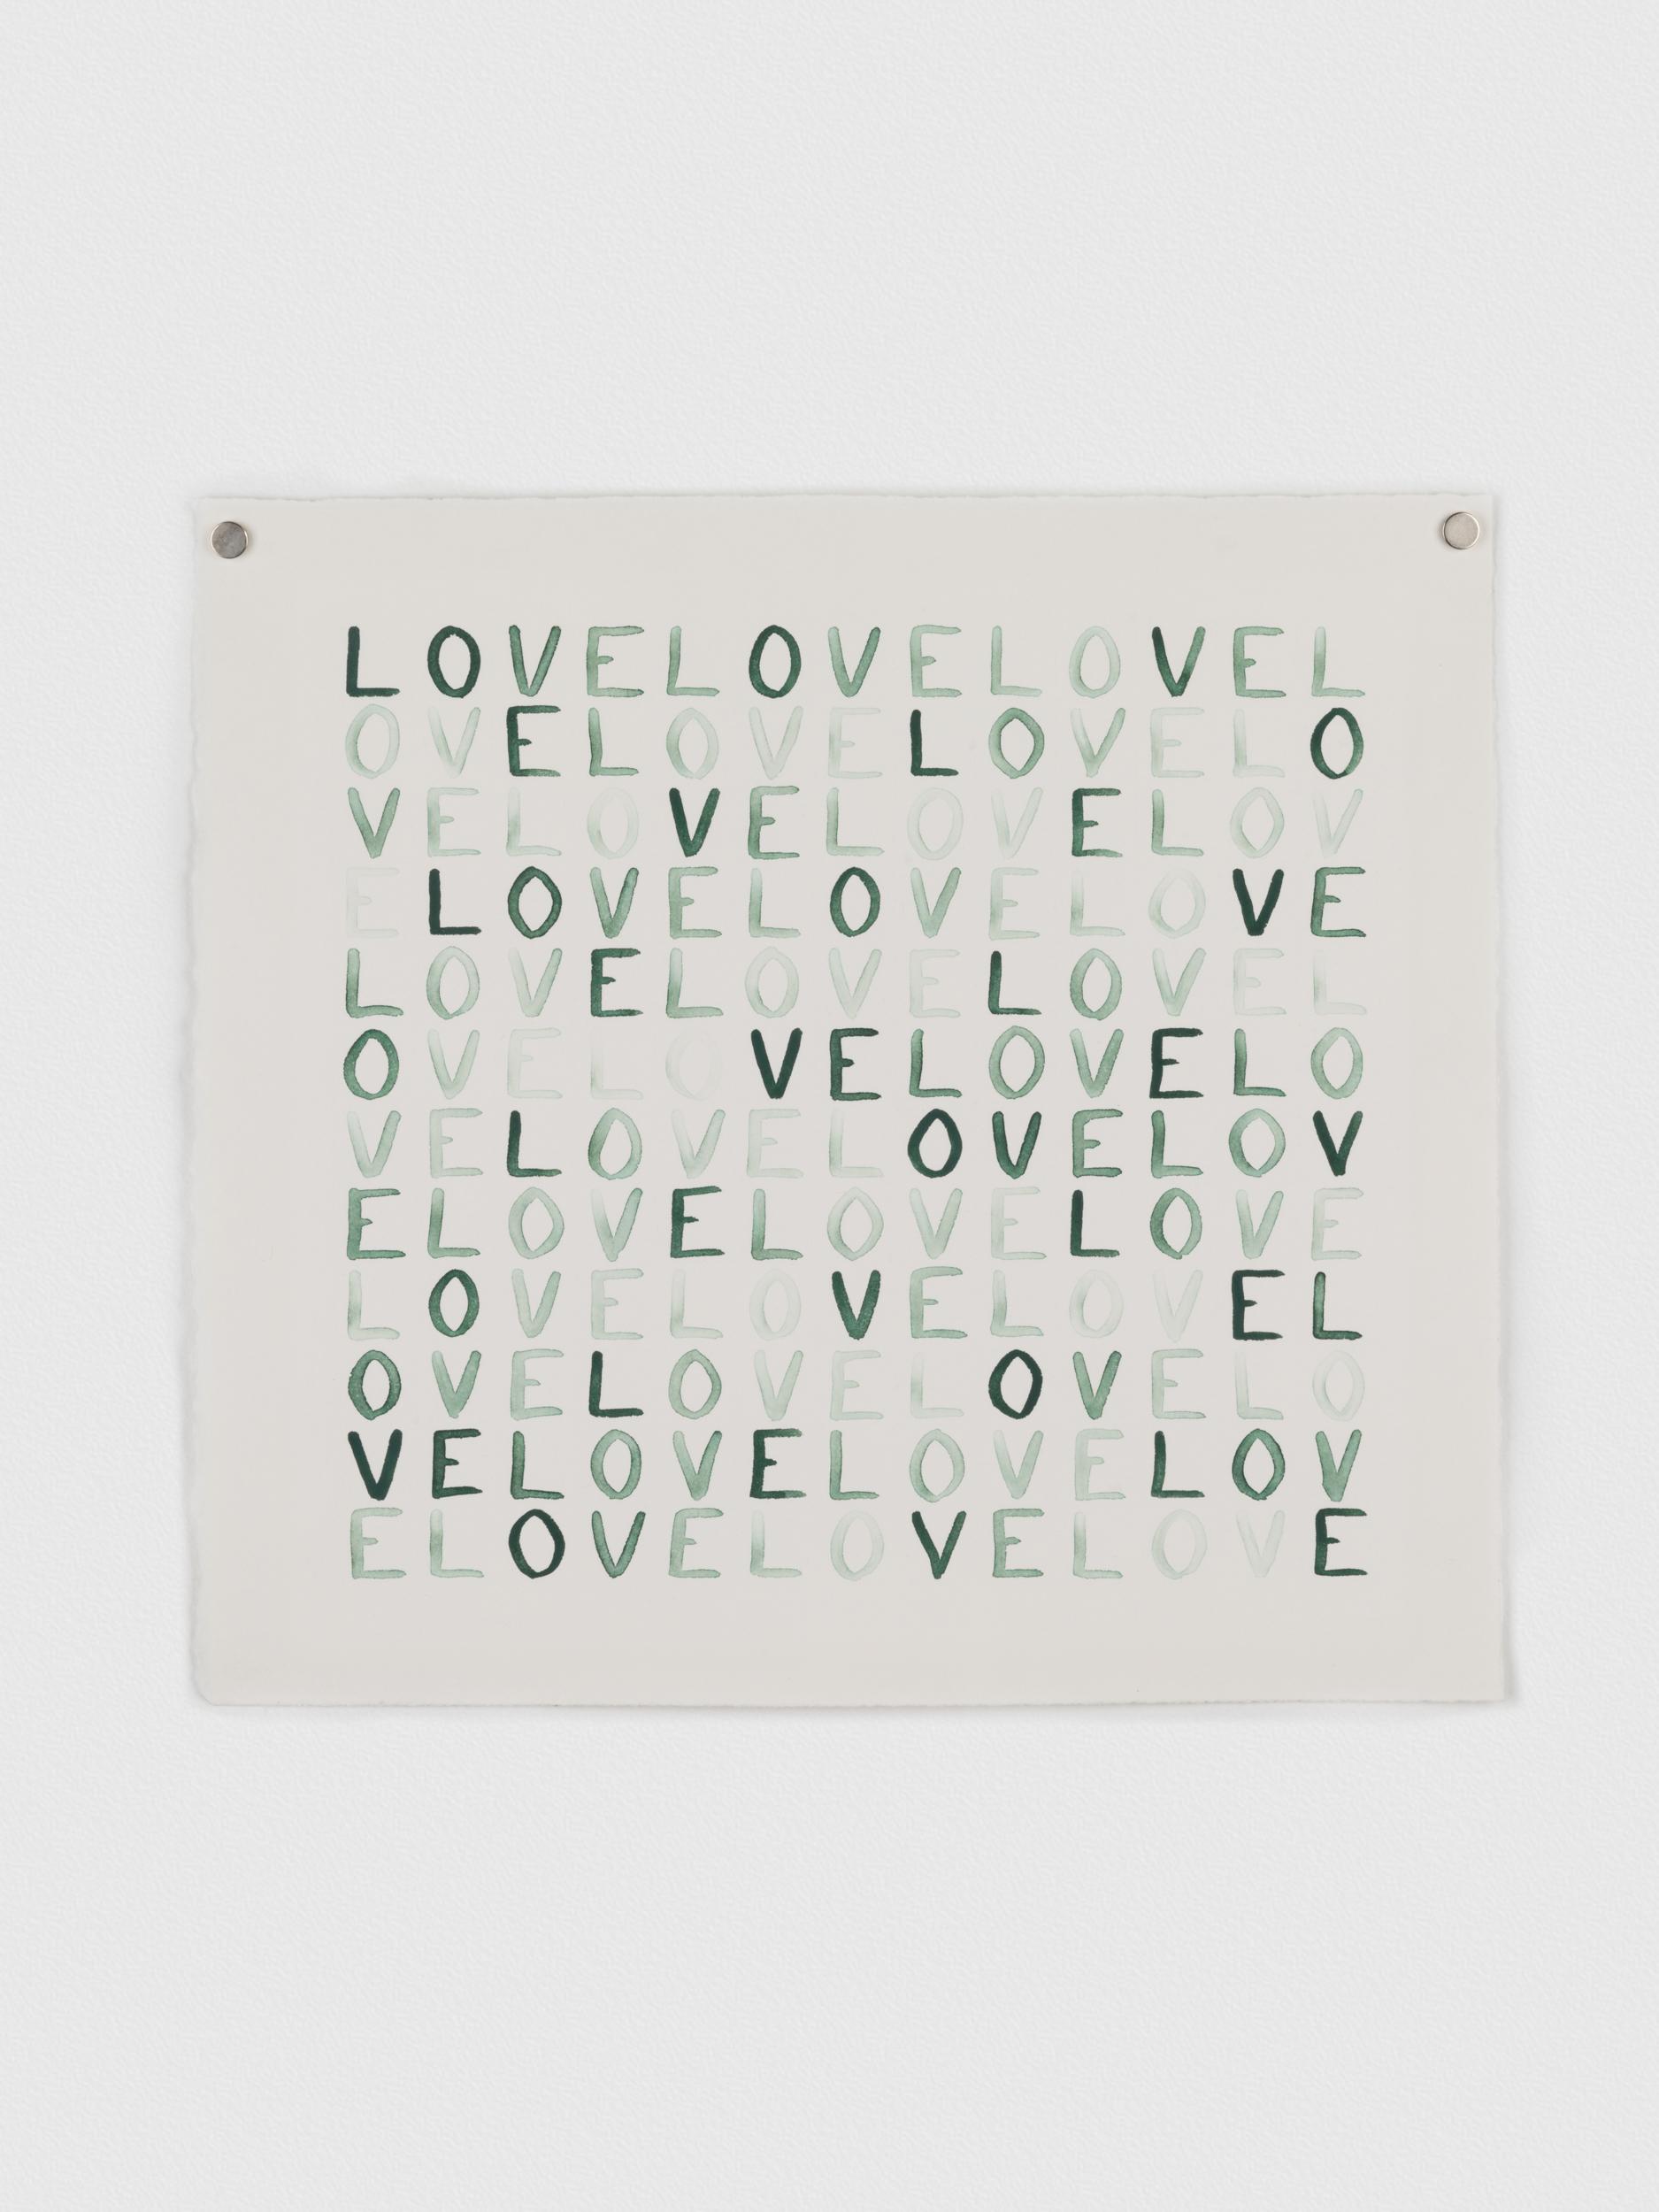 LoveIsABug-13.jpg